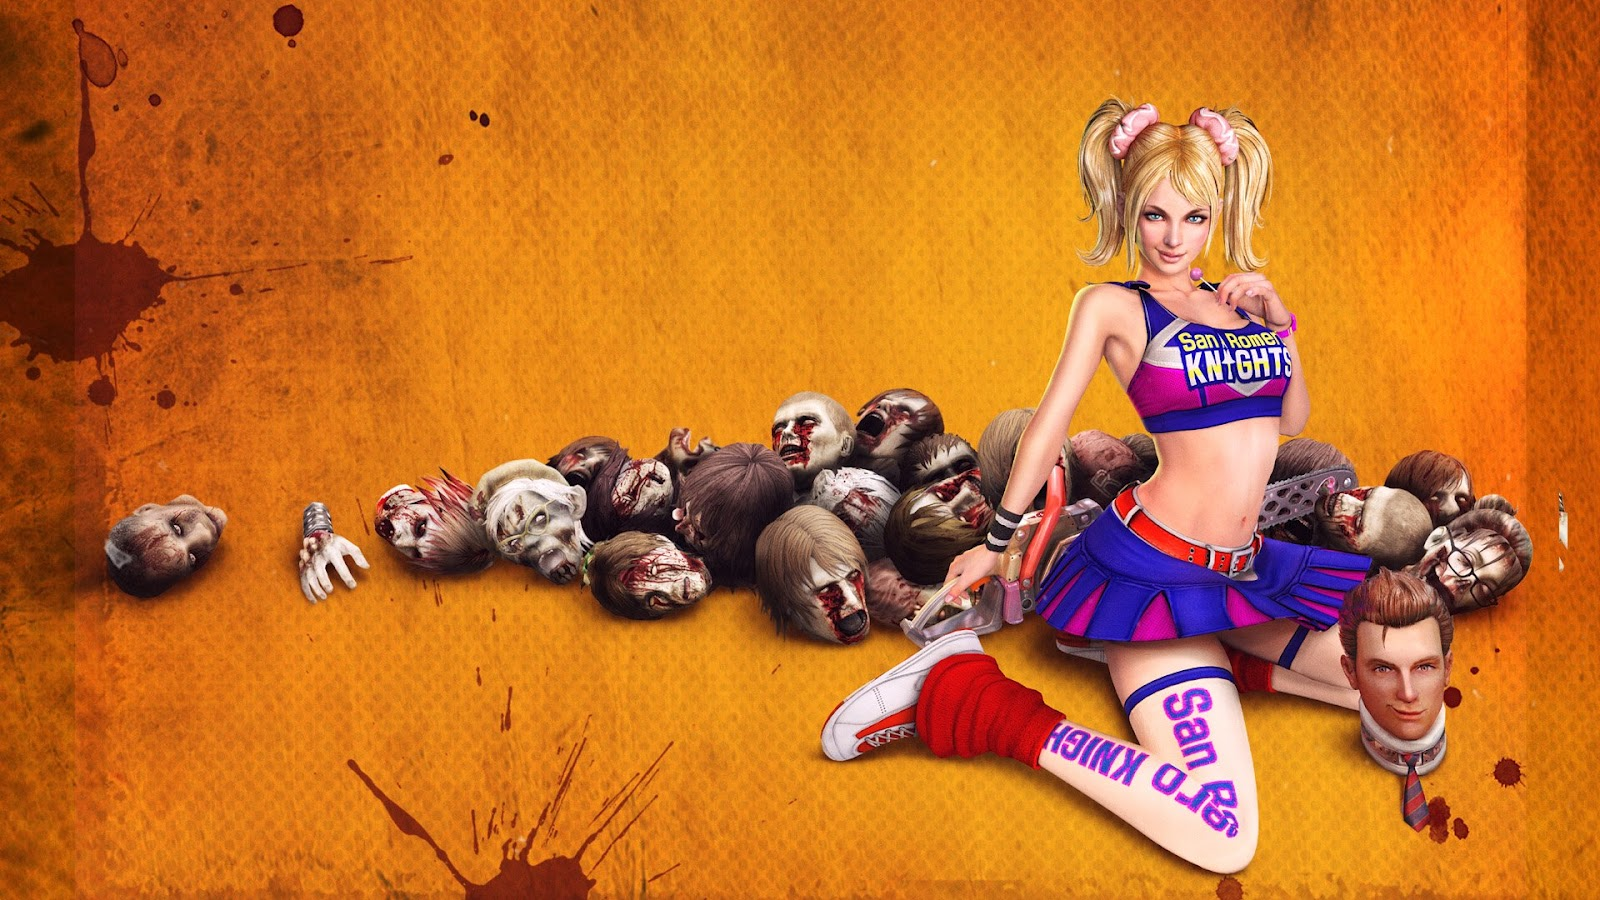 http://2.bp.blogspot.com/-NejfM1vVoGU/UBThlW7VmrI/AAAAAAAAEMw/YnTOOuqrHcs/s1600/Lollipop+Chainsaw+wallpapers+5.jpg